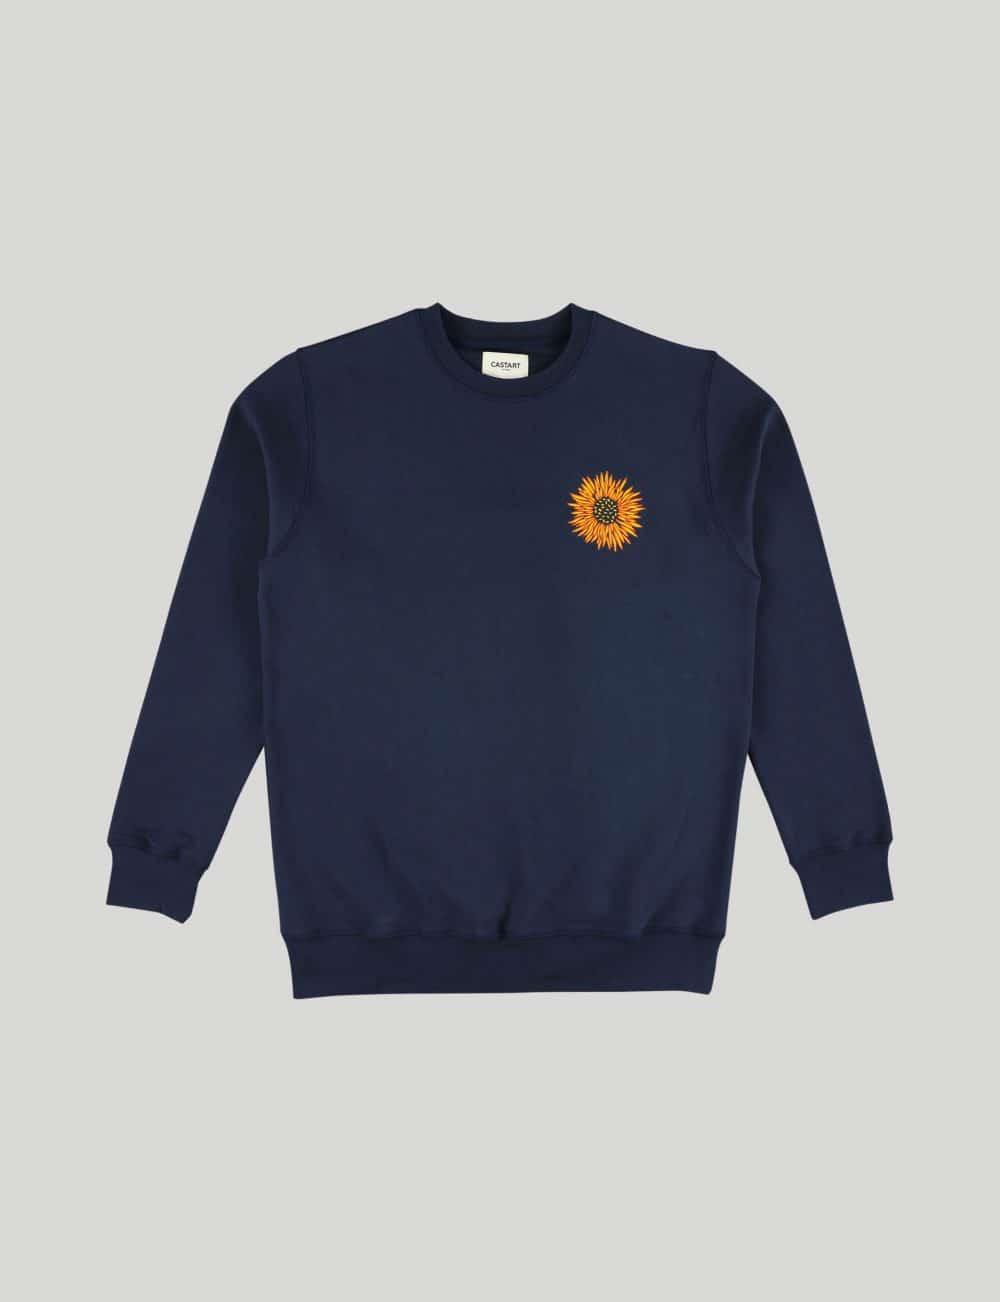 Castart - Mari Posa Sweater - Navy